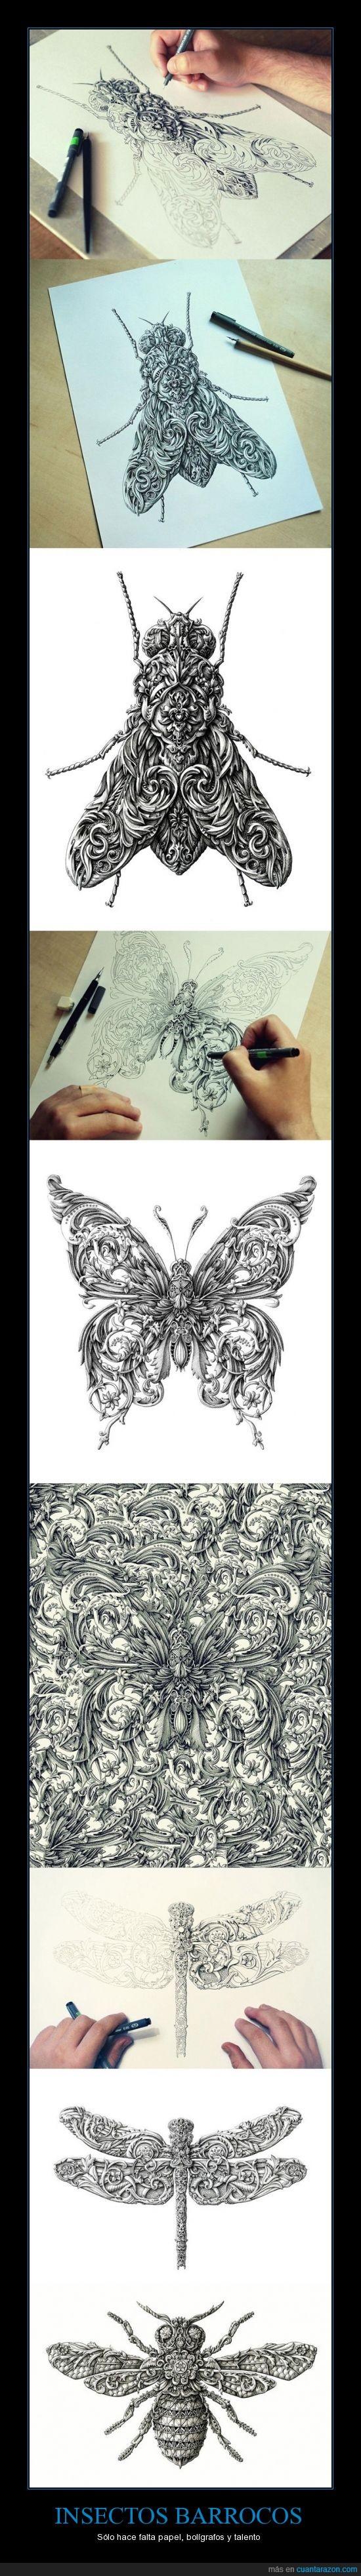 arte,barroco,bicho,ilustración,insecto,no os rayéis con el estilo,renacentista,renacimiento,rococo